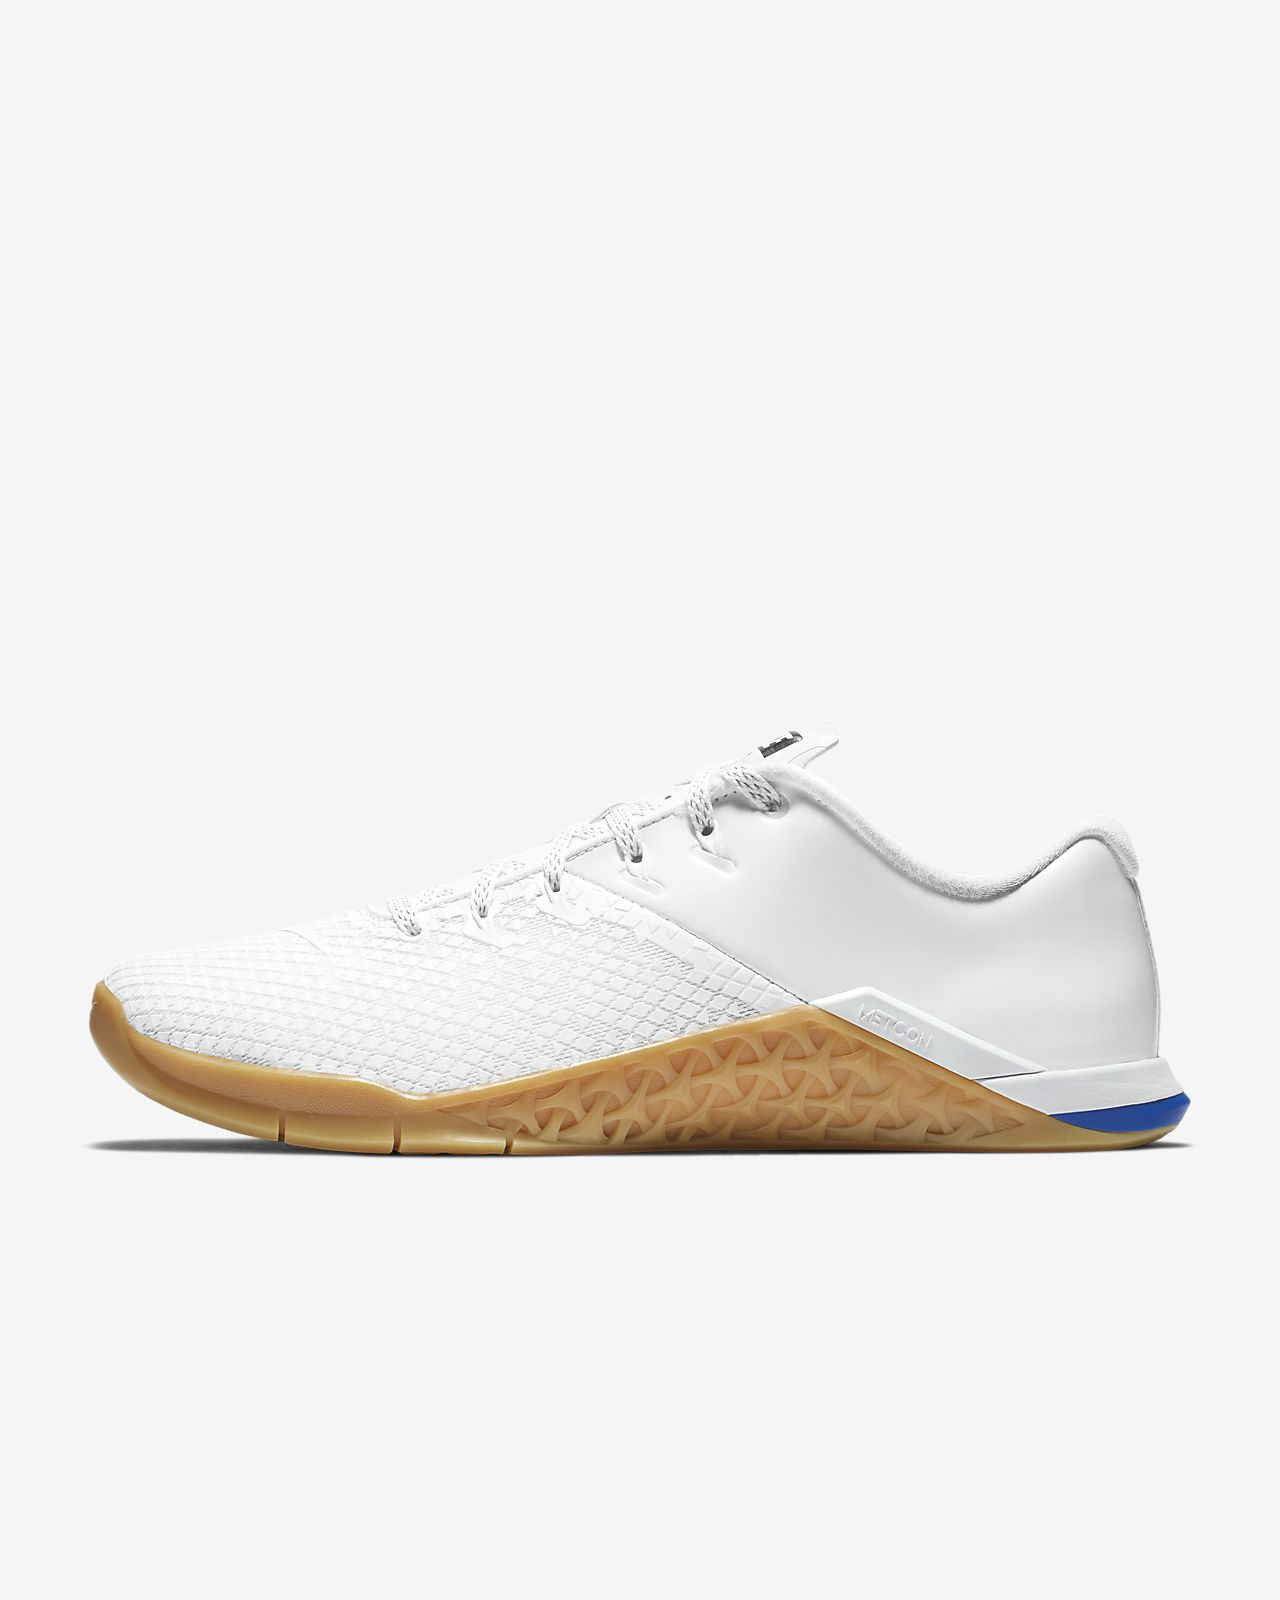 official photos 88682 73b94 ... Chaussure de cross-training et de renforcement musculaire Nike Metcon 4  XD X Whiteboard pour